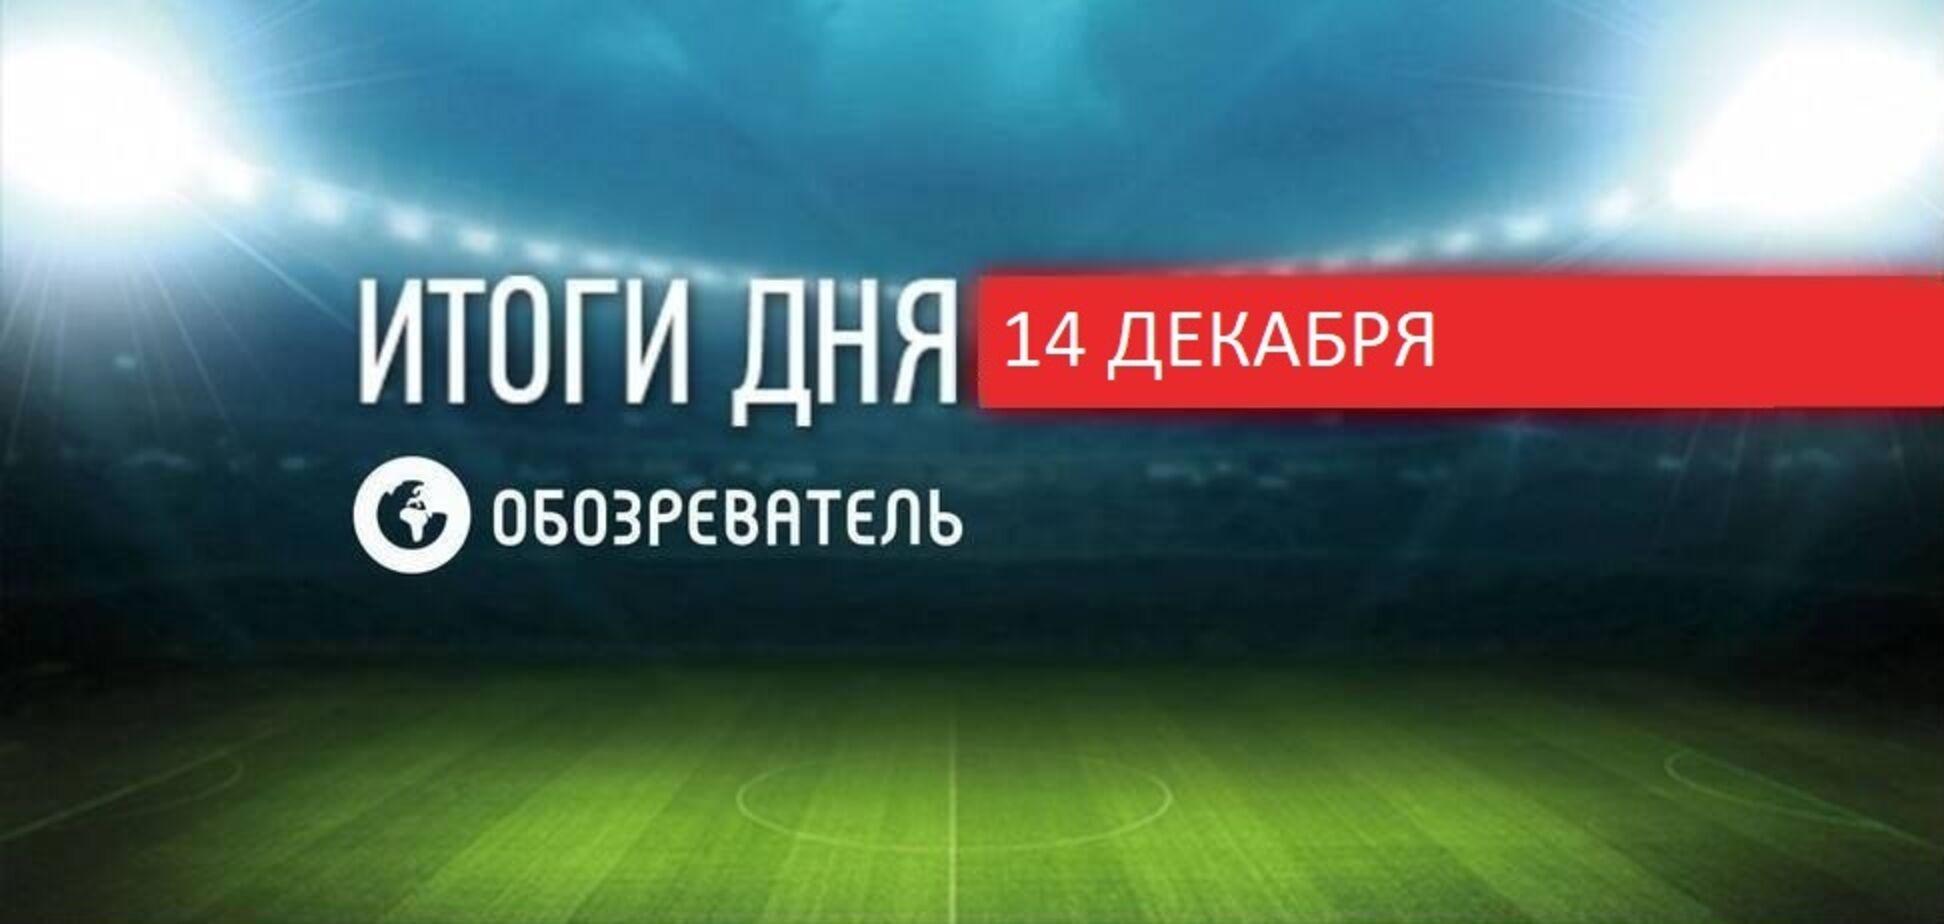 'Динамо' та 'Шахтар' дізналися суперників у Лізі Європи: спортивні підсумки 14 грудня